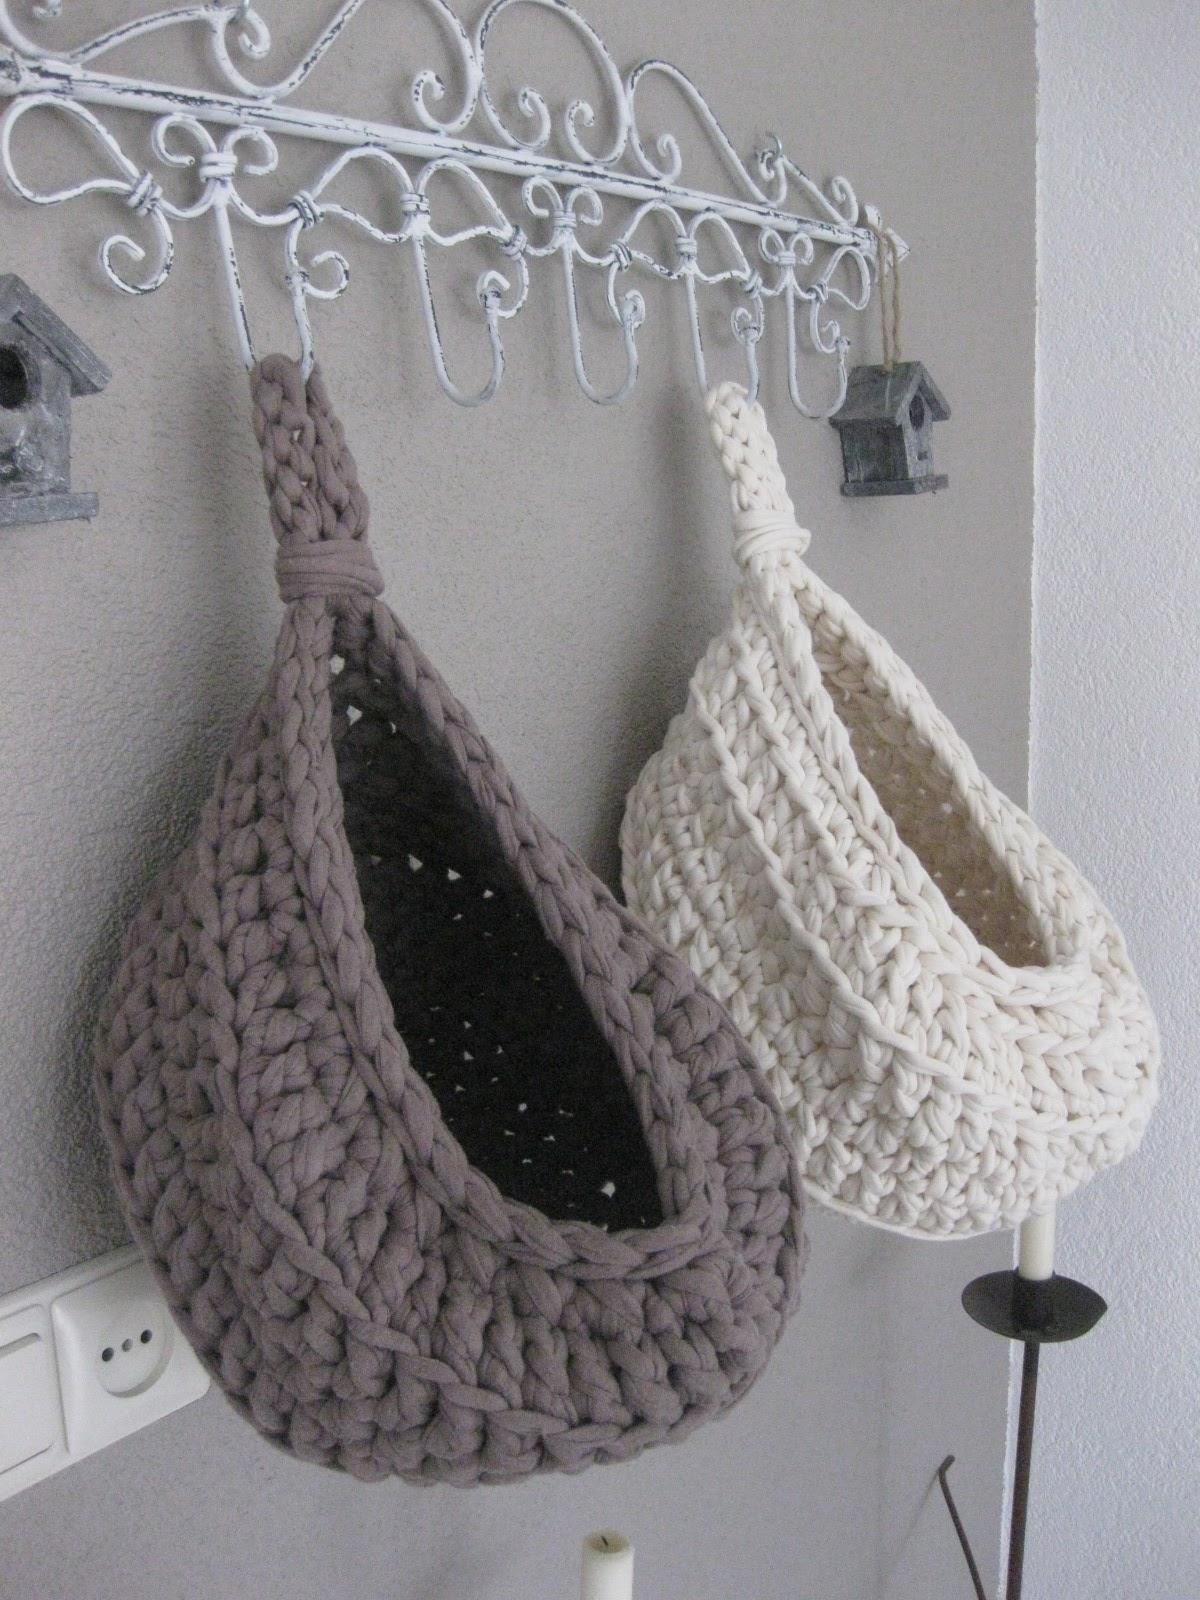 Stijl en zoooo!: Twee hanging baskets